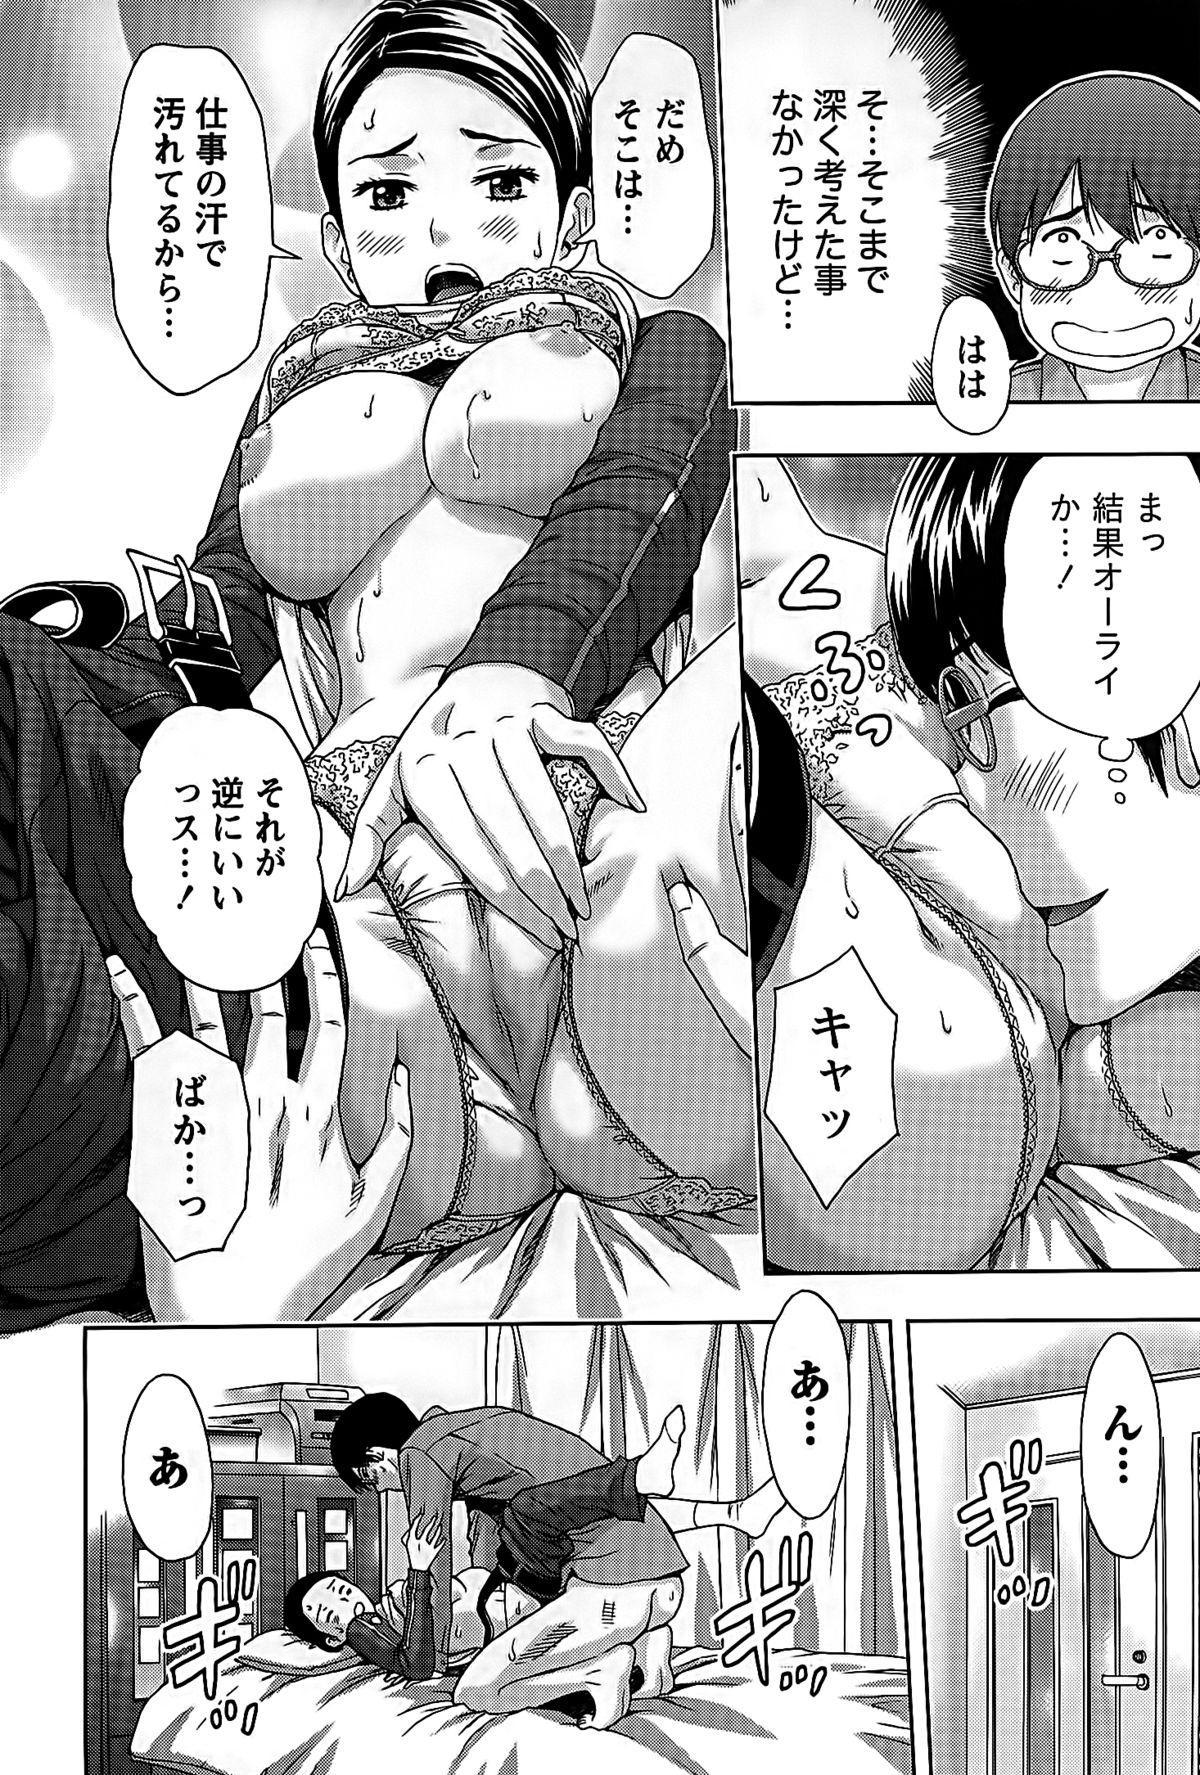 Shittori Lady to Amai Mitsu 61